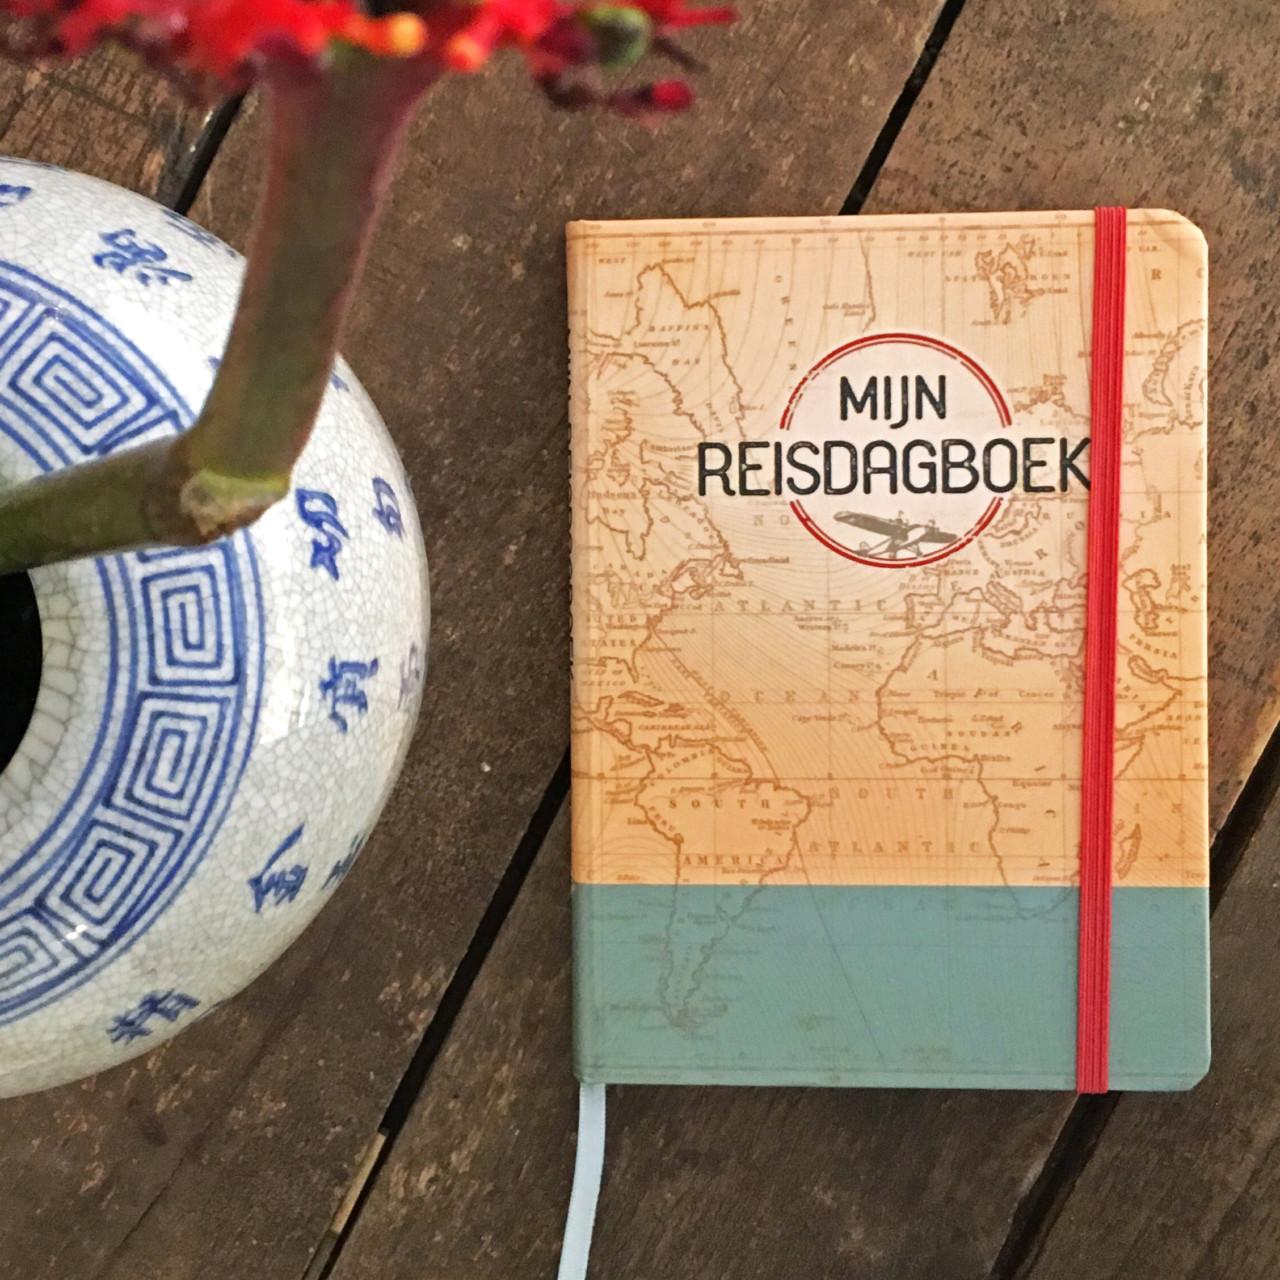 Mijn reisdagboek